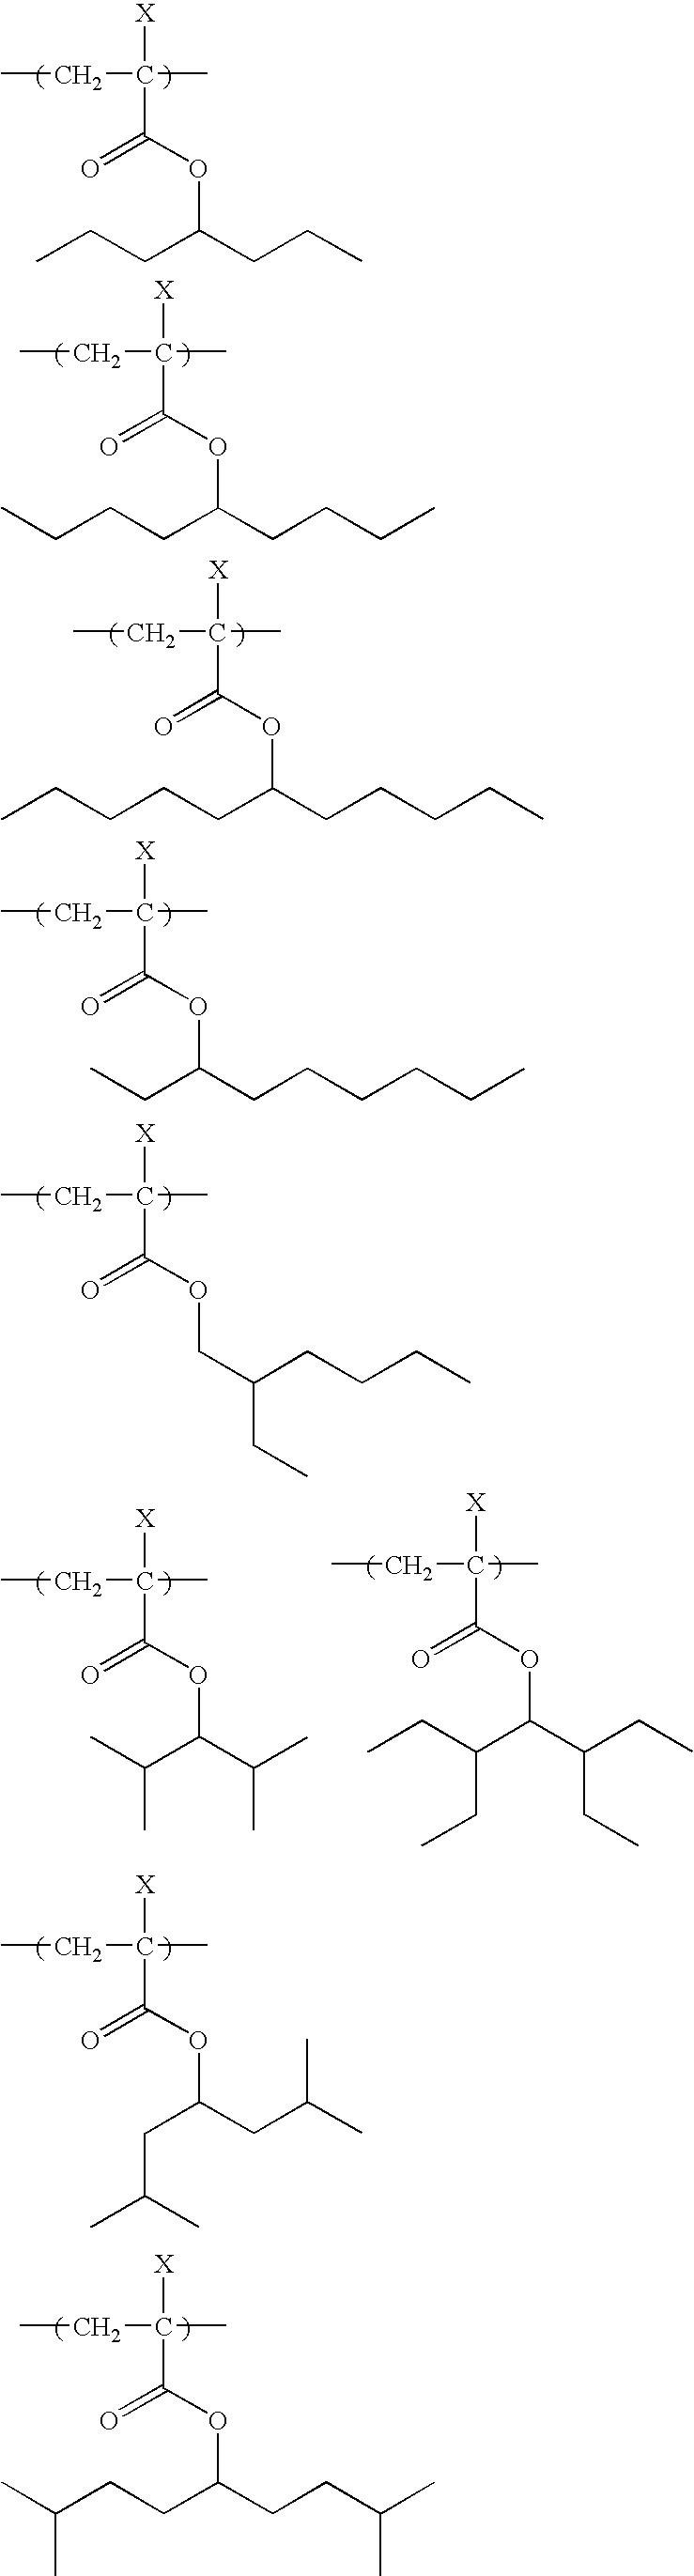 Figure US07998655-20110816-C00062